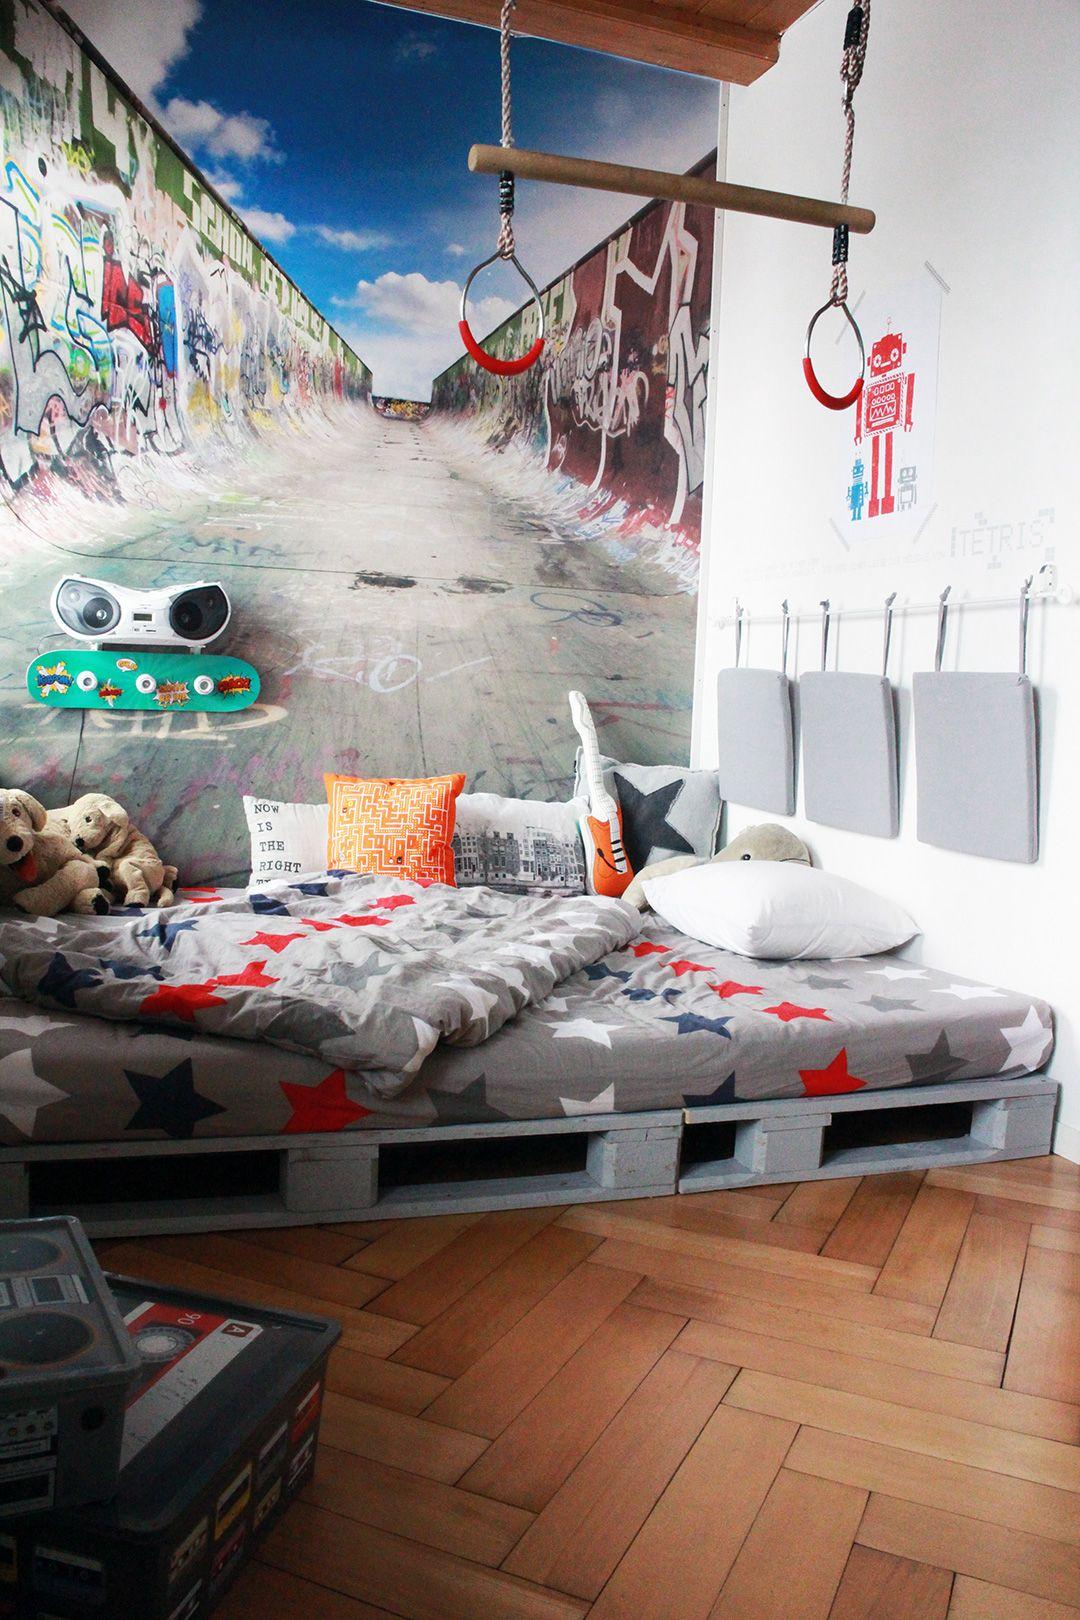 Full Size of Yves Room Zimmer Hotel Fürstenhof Bad Griesbach Spiegelschränke Fürs Kinderzimmer Regal Moderne Bilder Wohnzimmer Sofa Für Esstisch Teppich Küche Sprüche Kinderzimmer Kinderzimmer Für Jungs